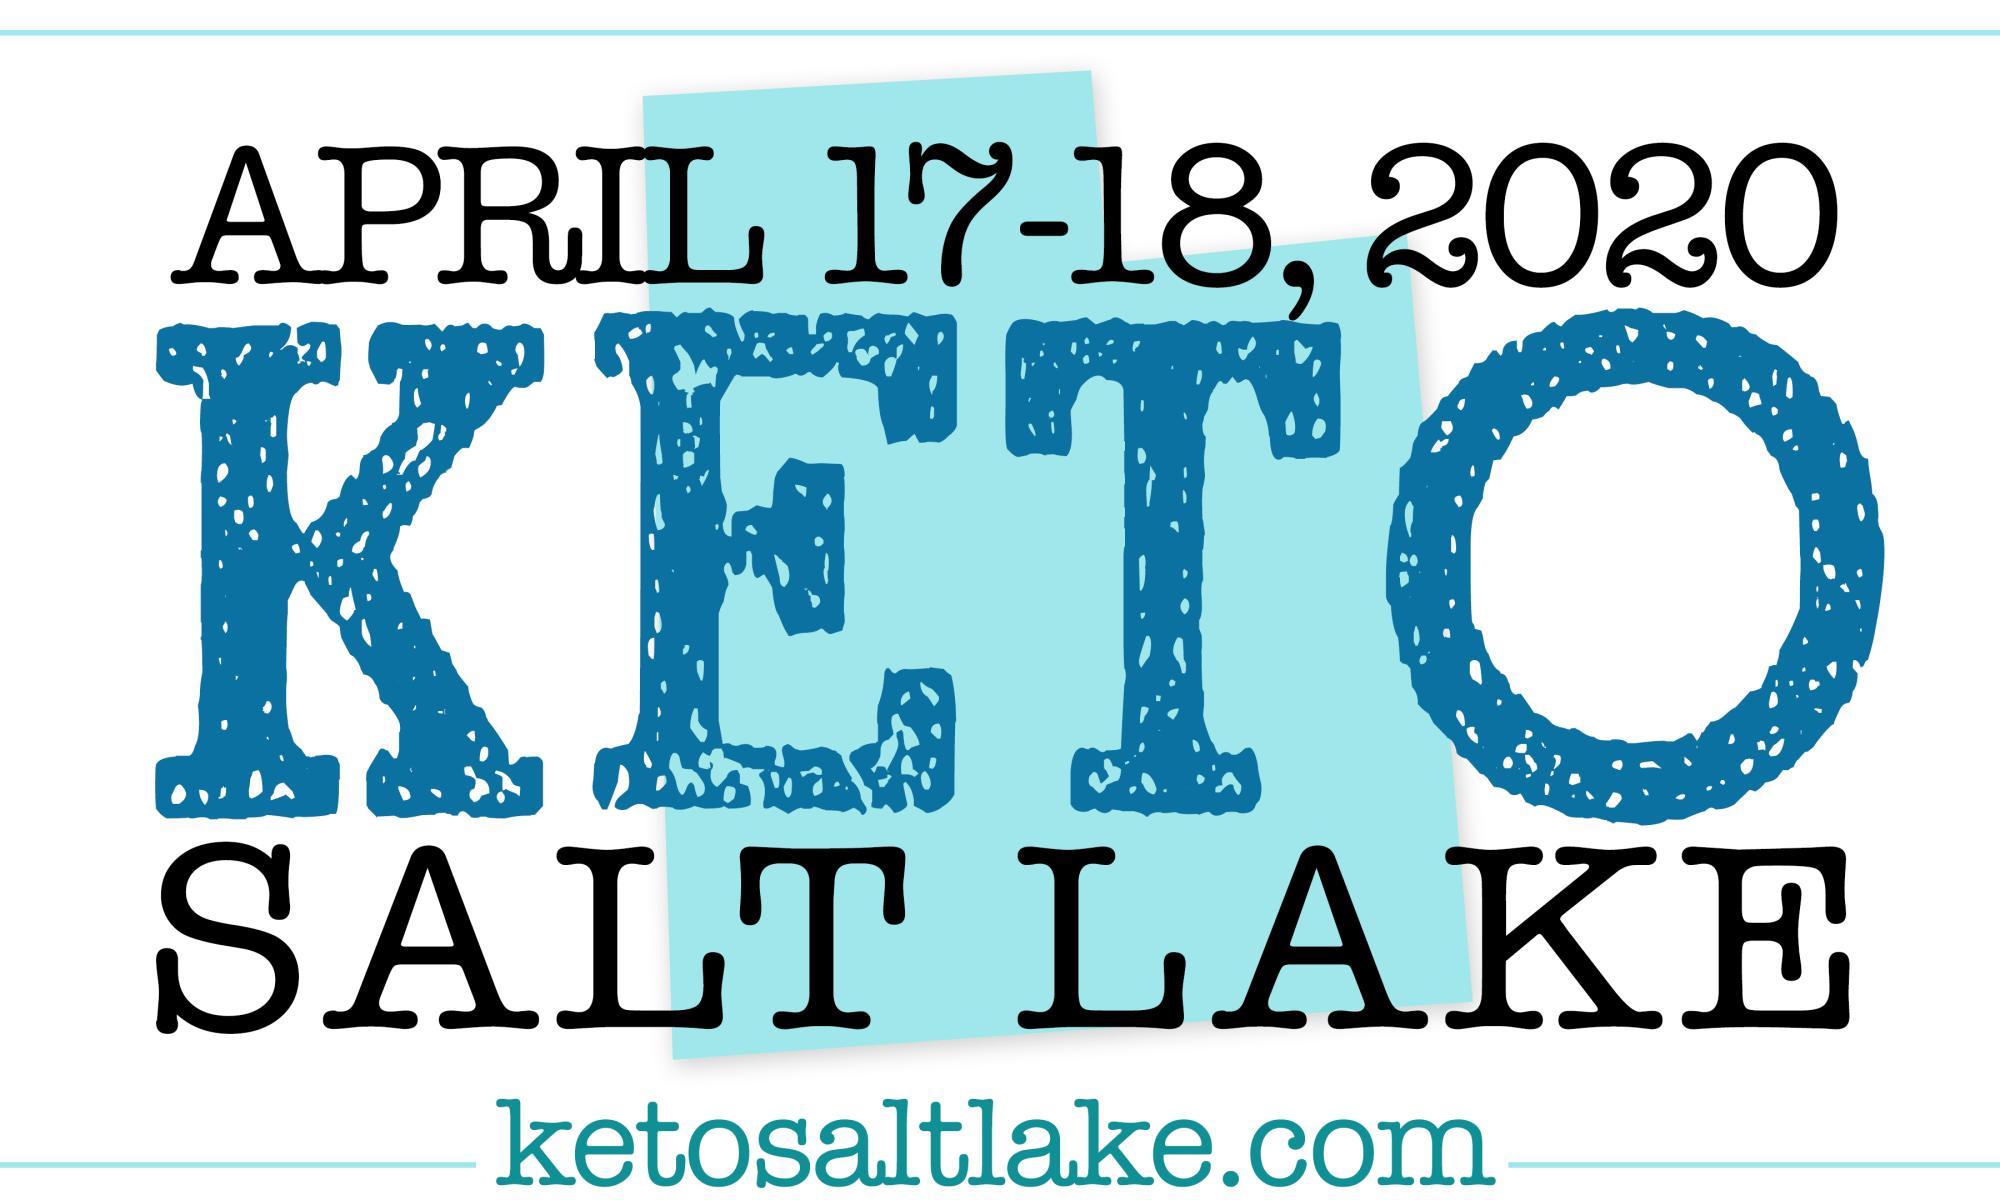 Keto Salt Lake 2020